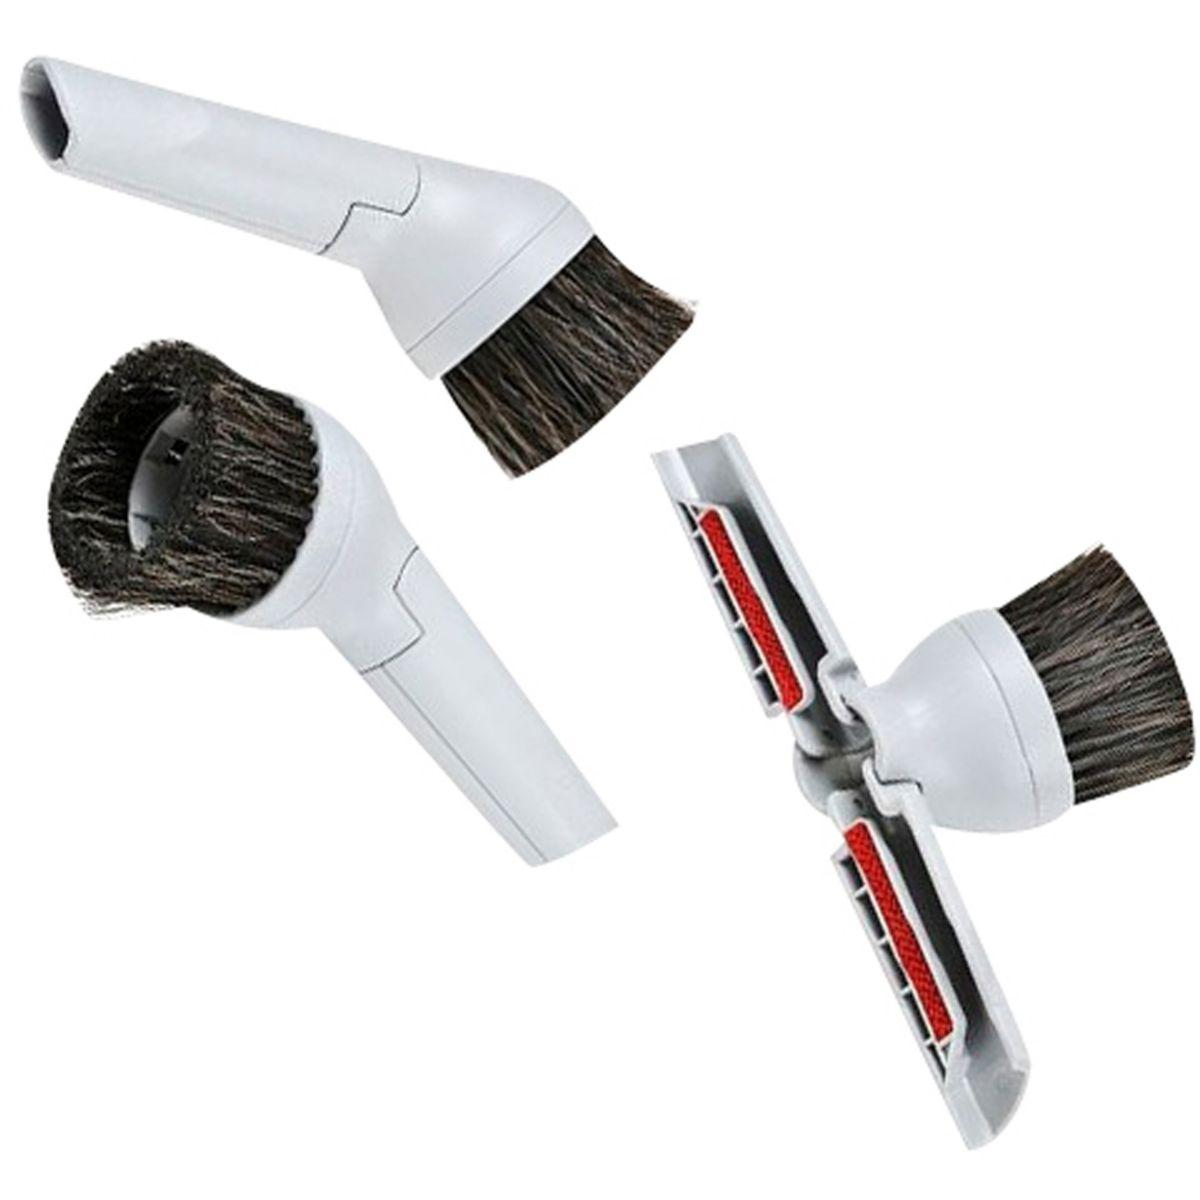 Brosse electrolux 3 en 1 multi tool ze063 (photo)